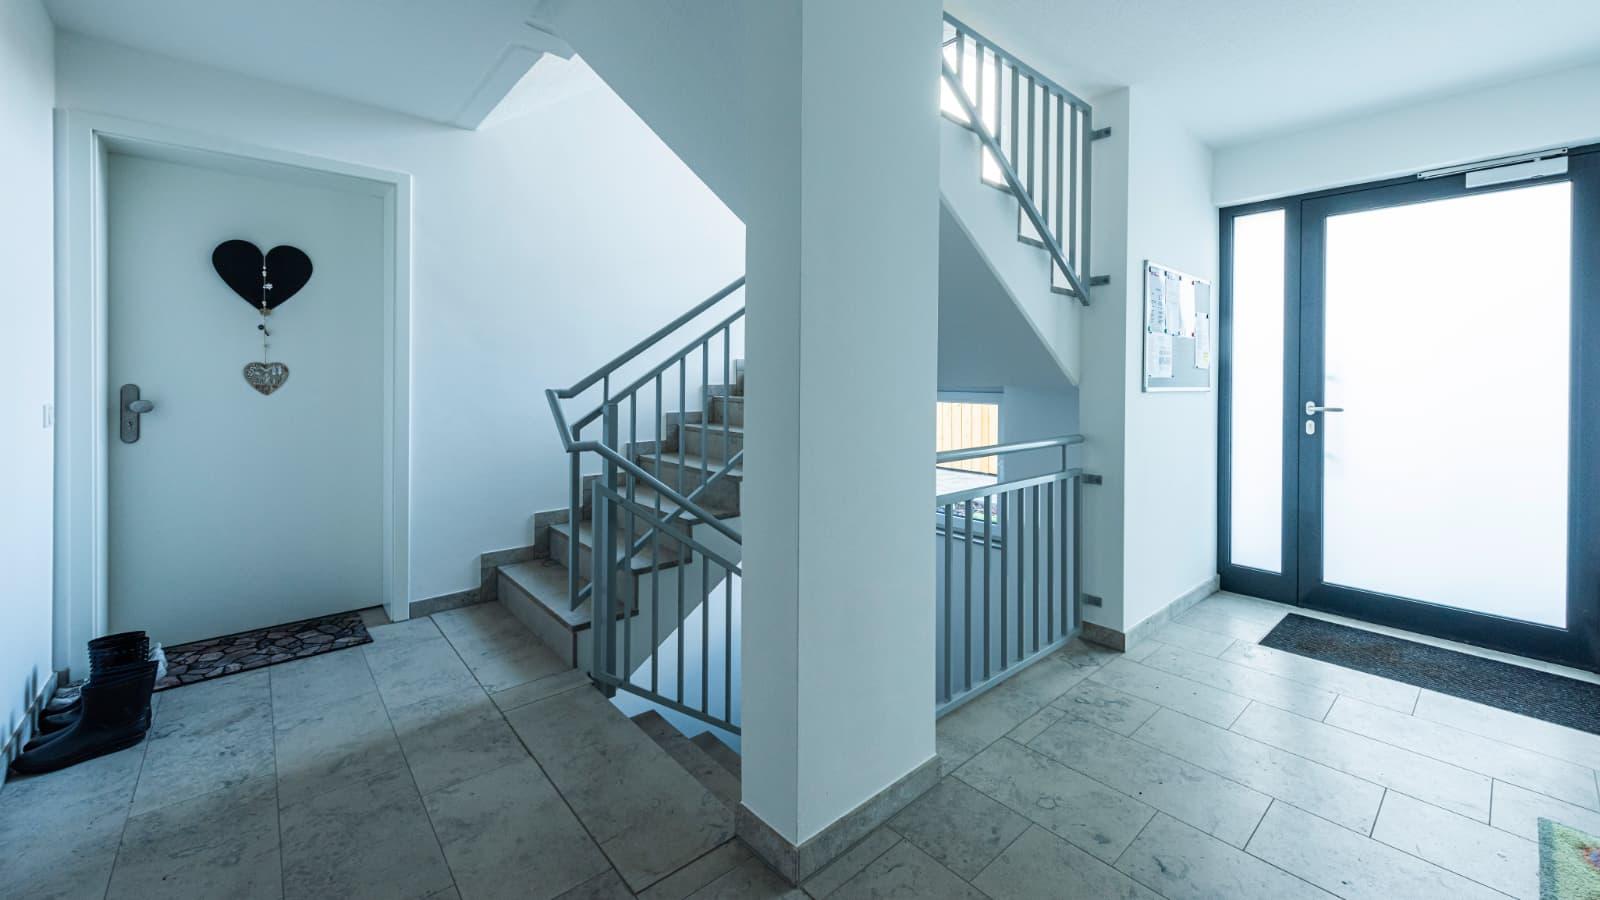 Rednitzgaerten - Eingang ins Haus